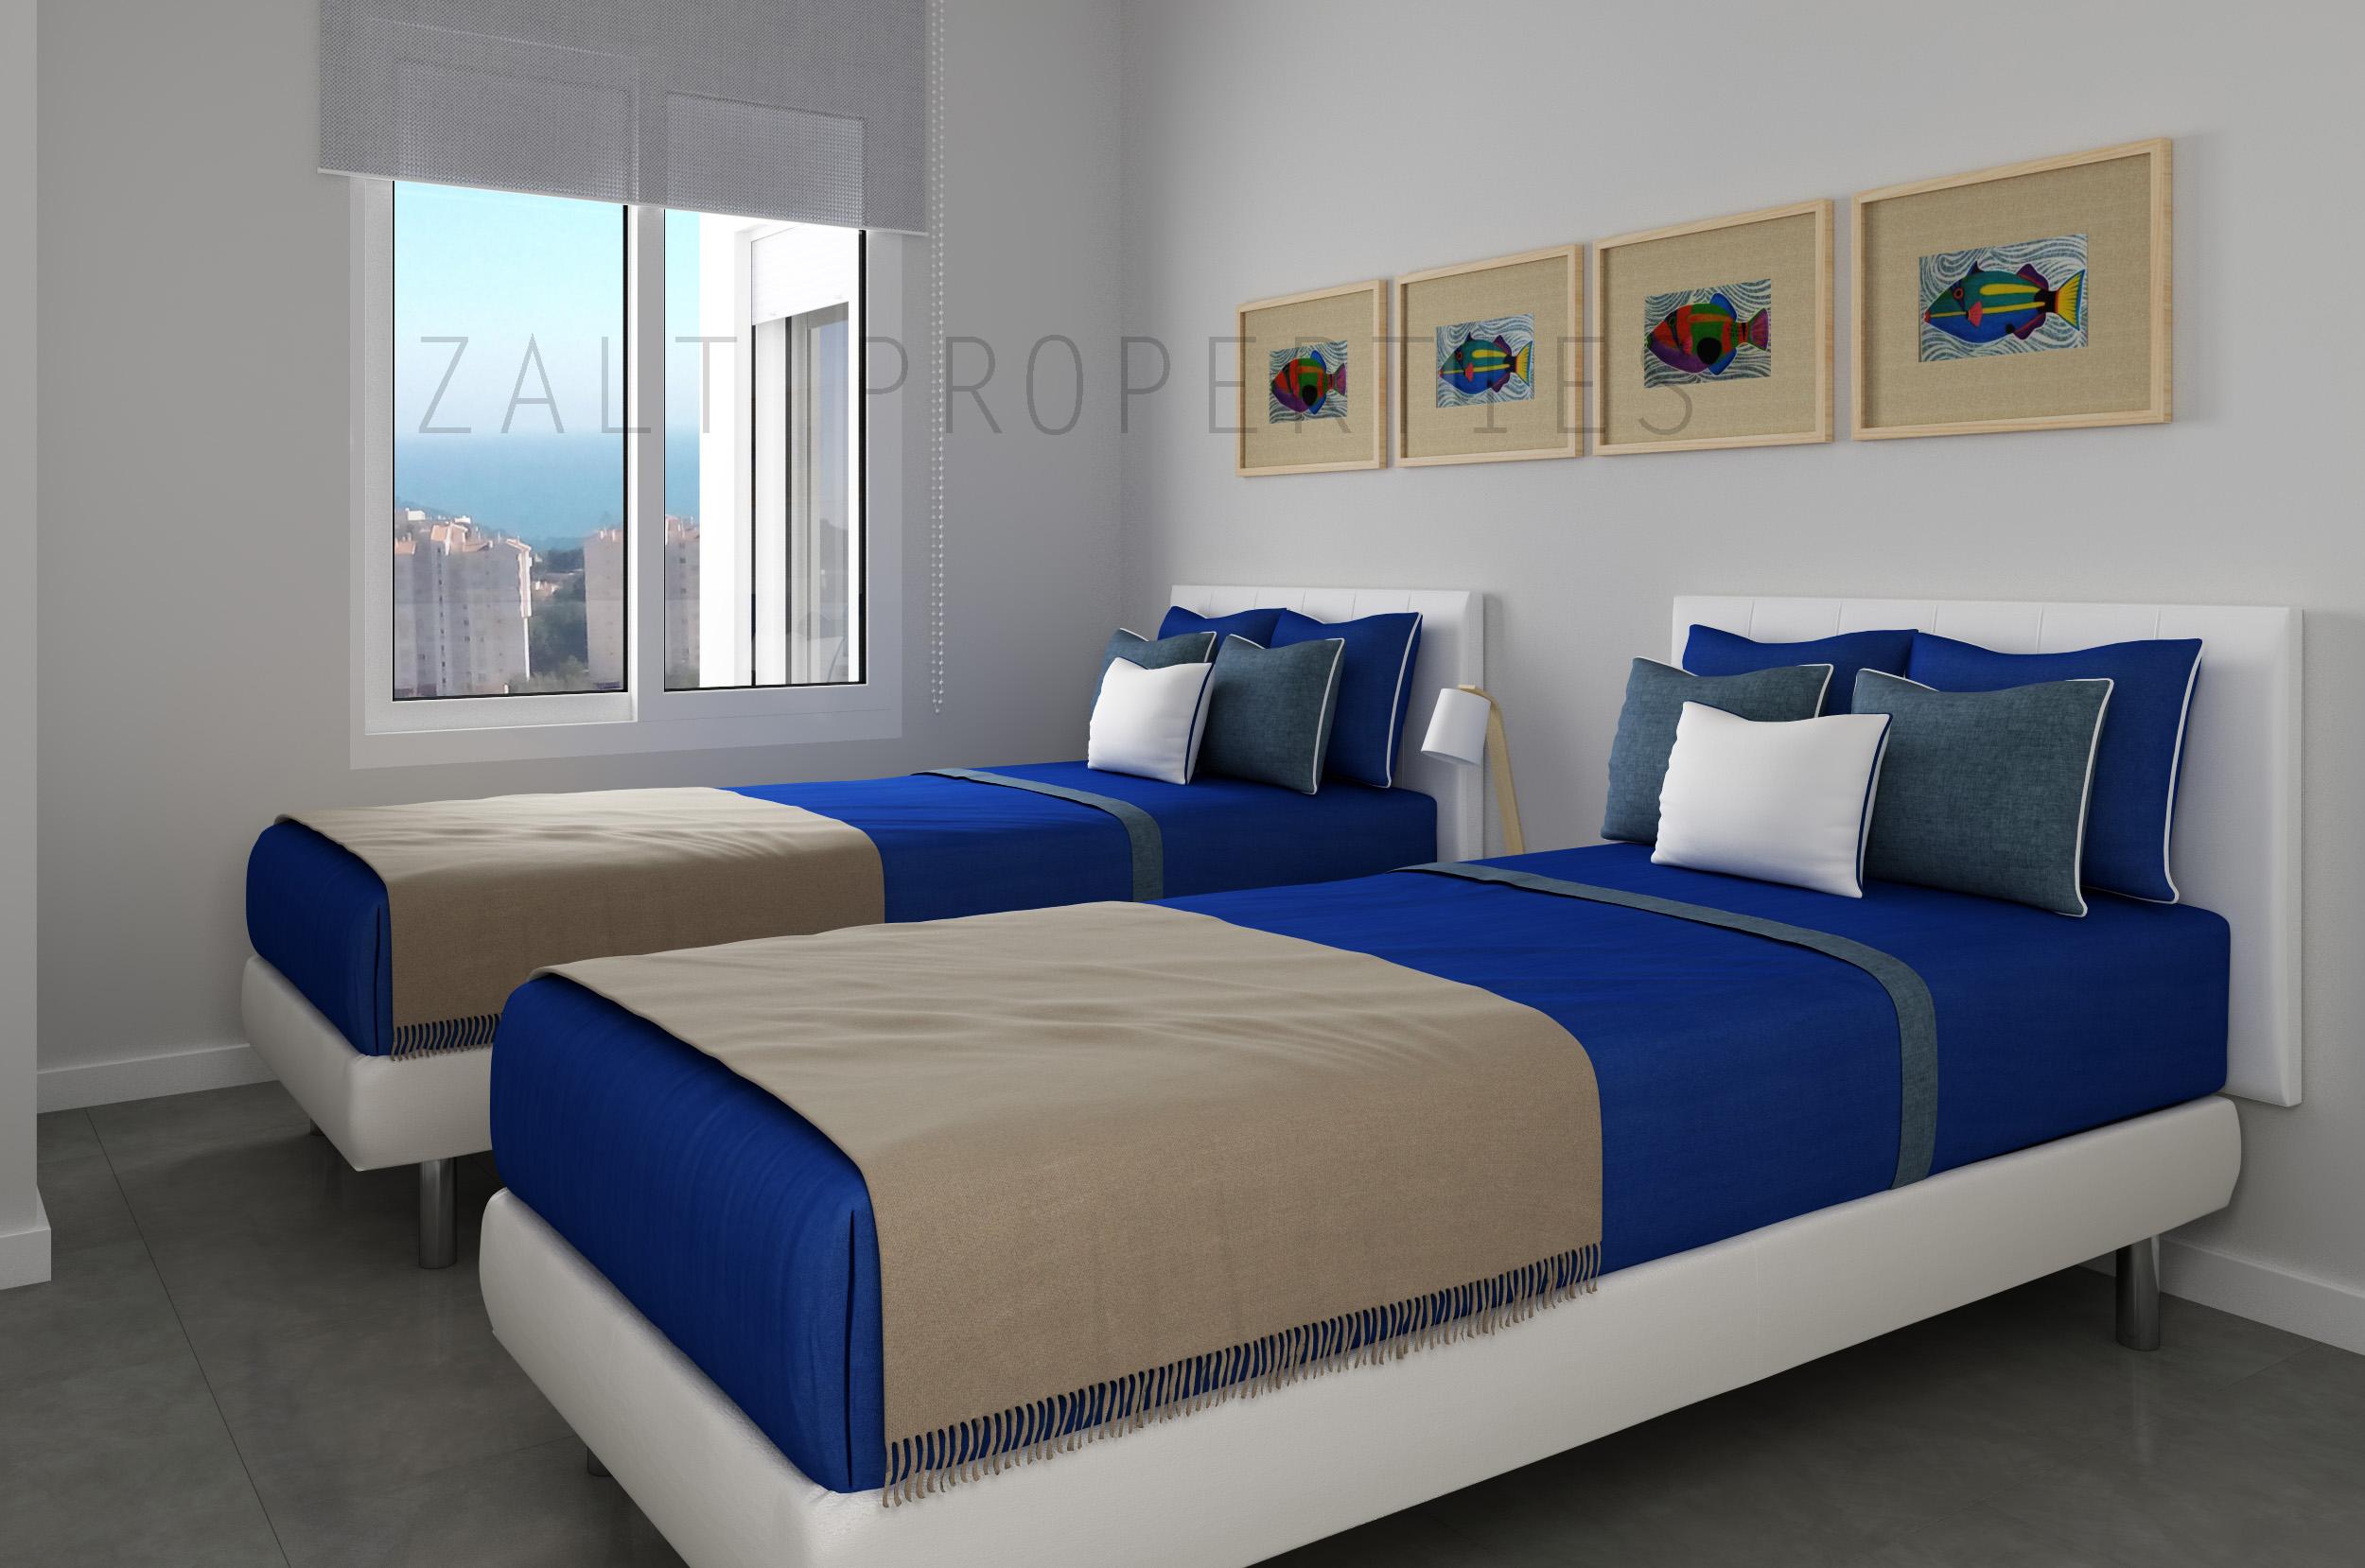 Campoamor zalt properties for Dormitorio invitados